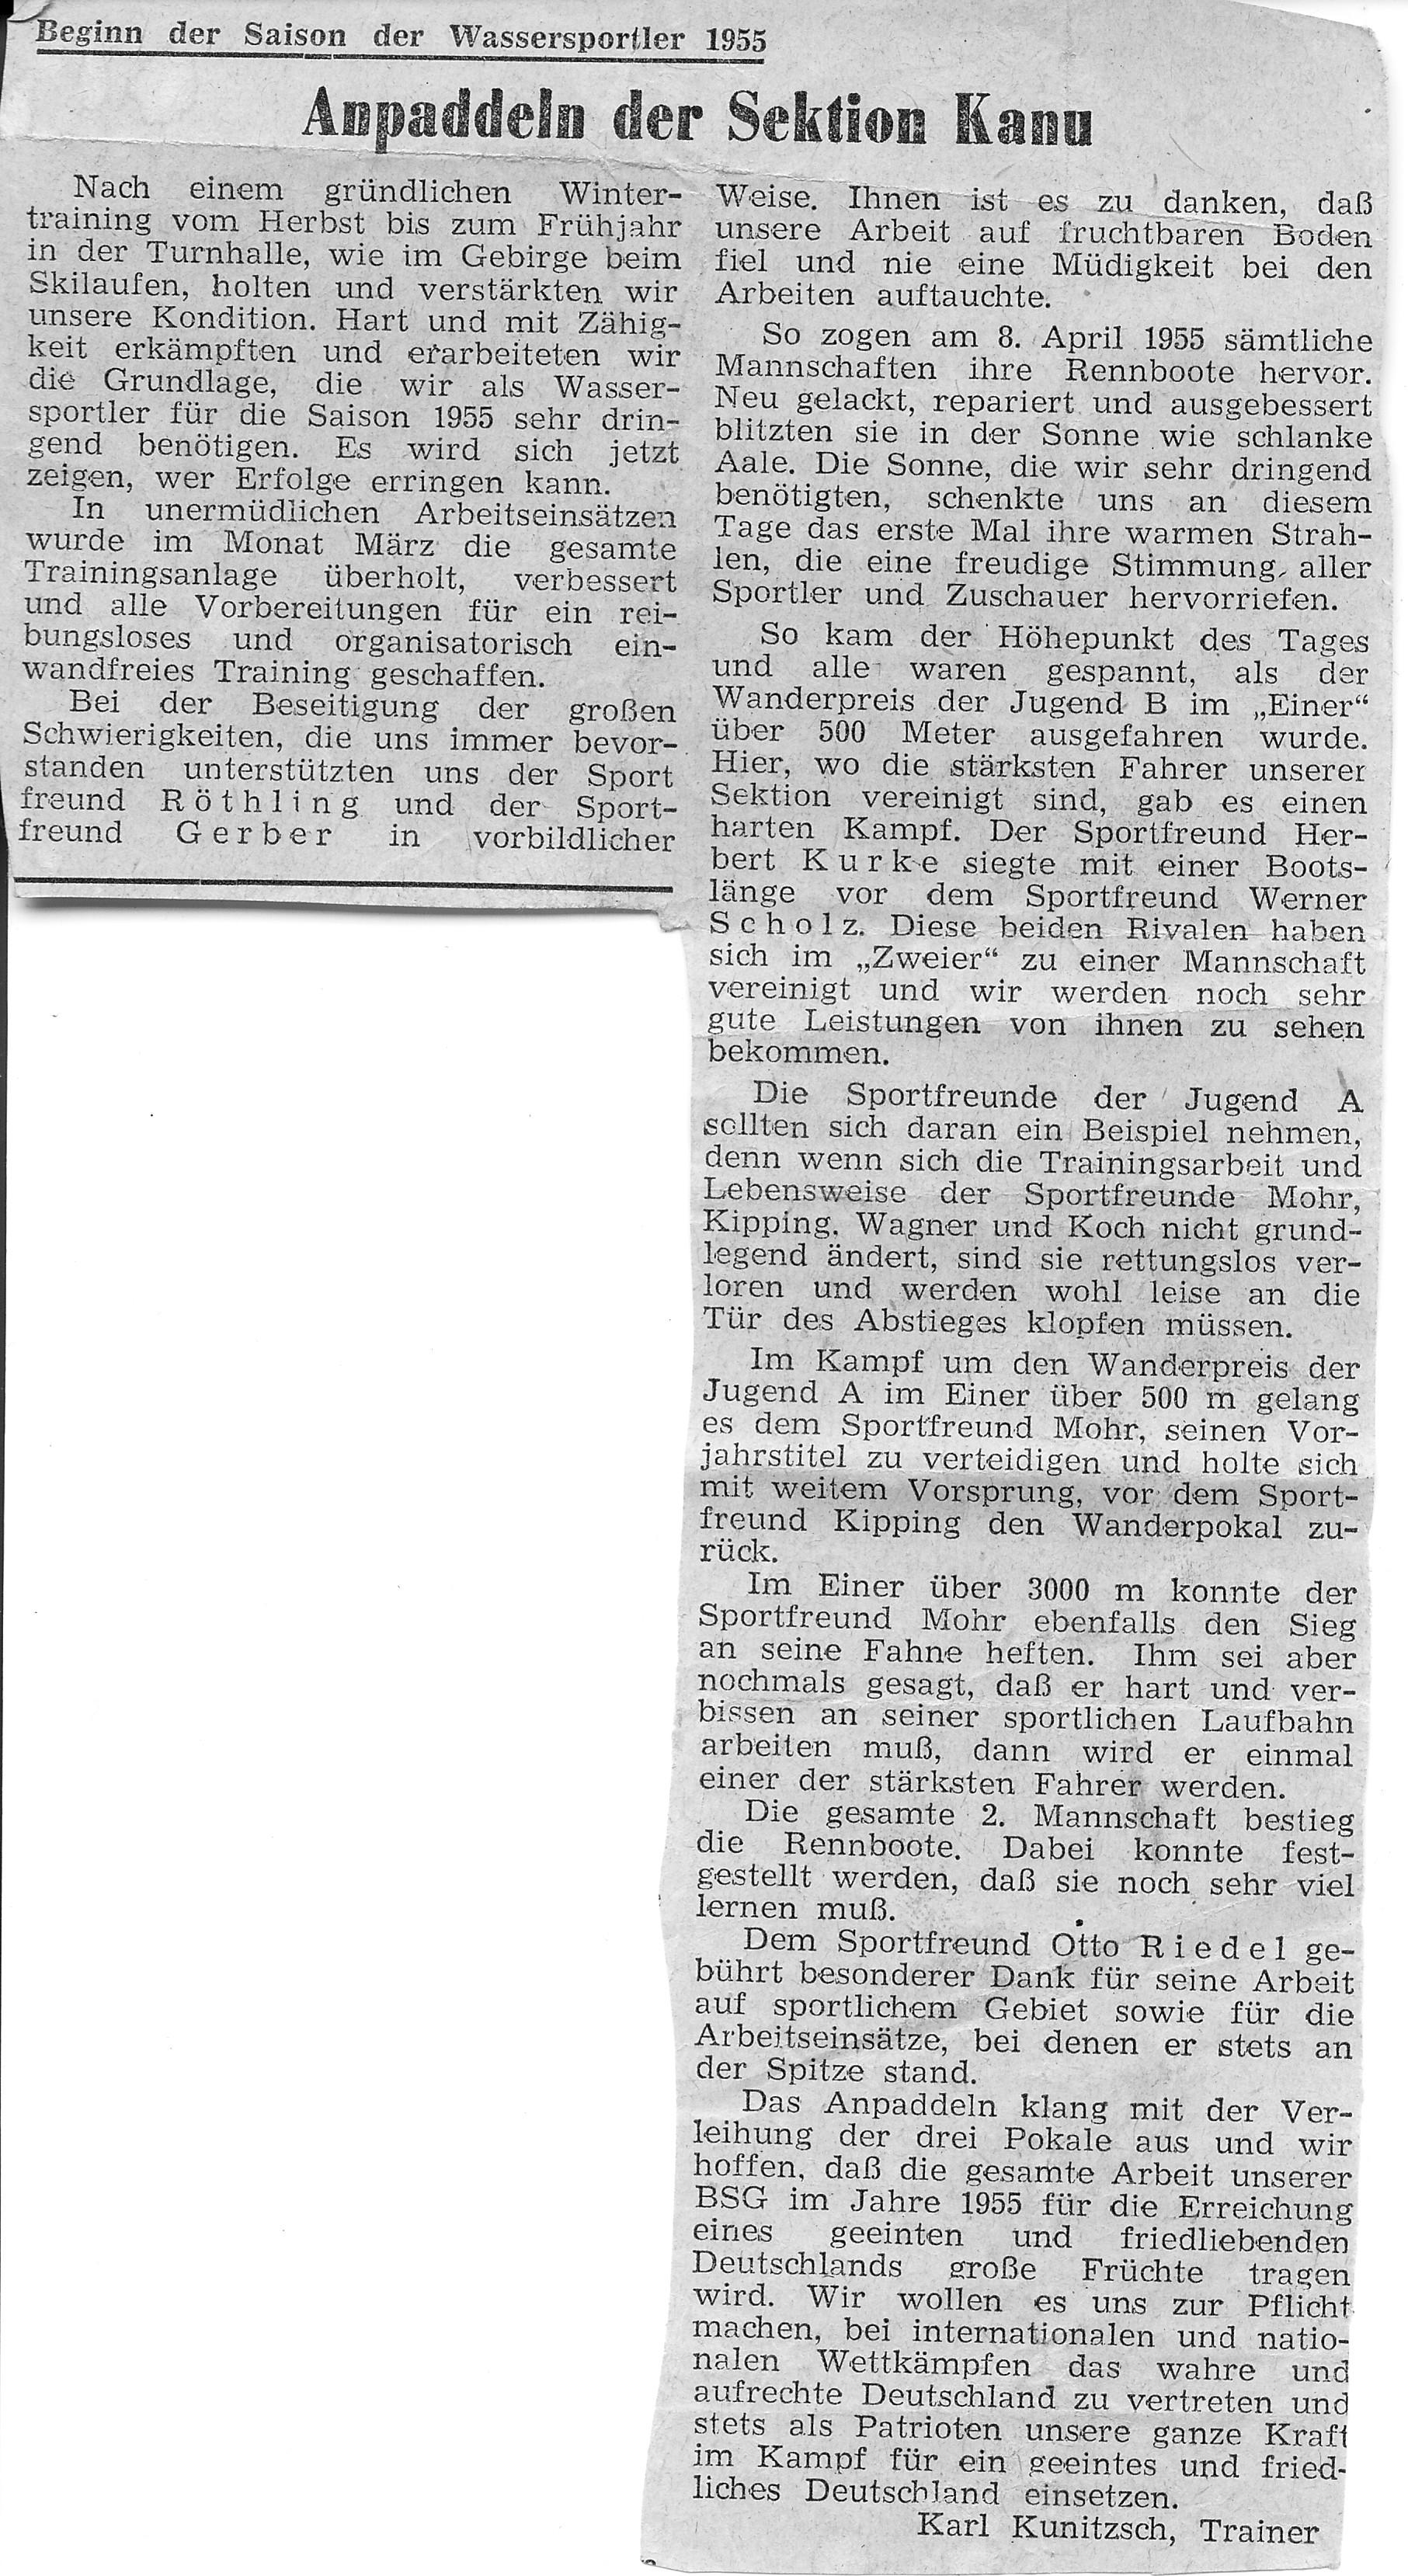 1955.1 Anpaddeln der Sektion Kanu